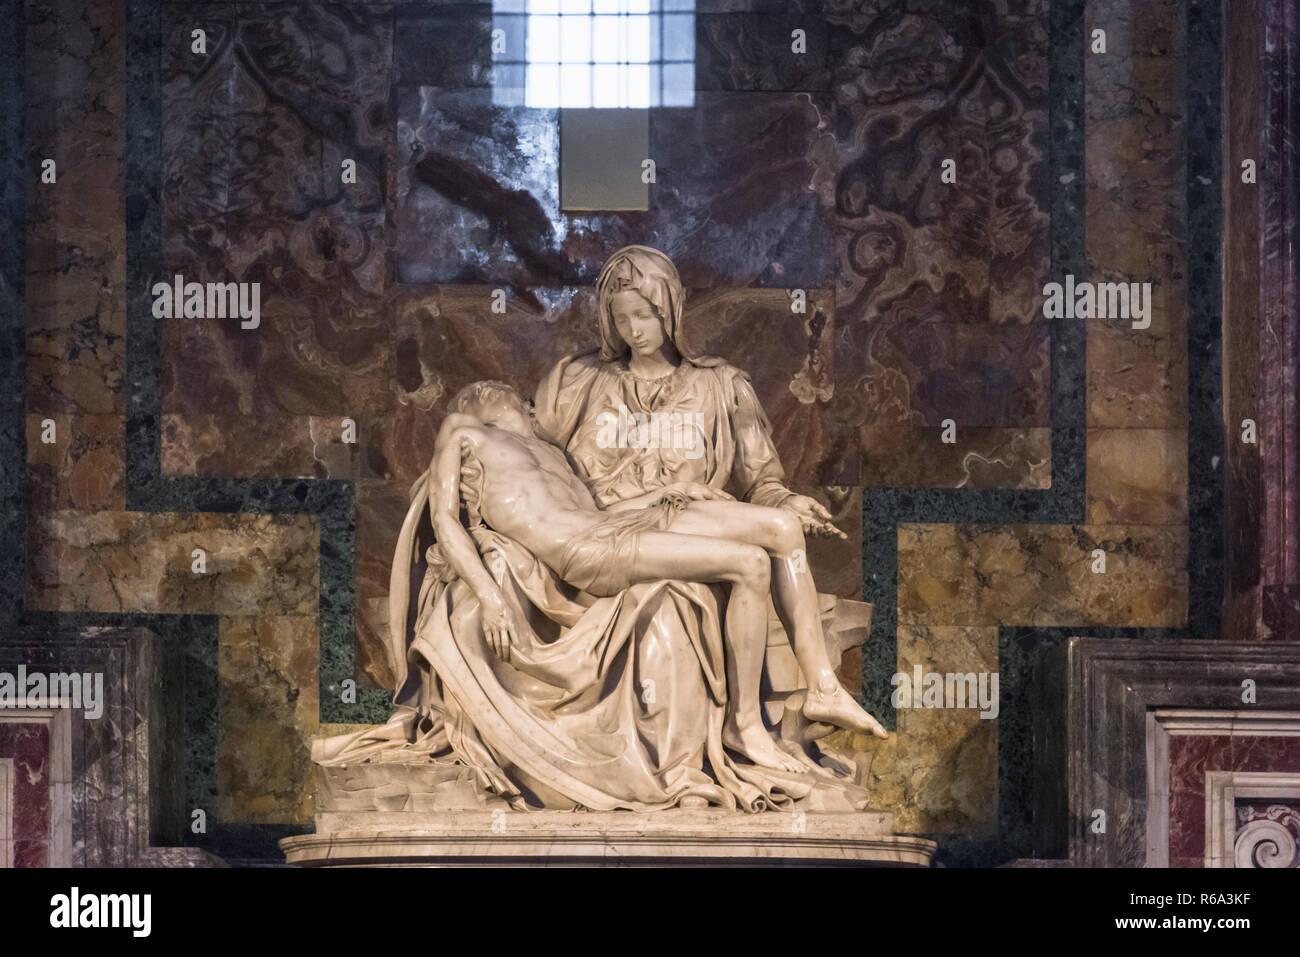 Piedad de Miguel Ángel, la Basílica de San Pedro, Ciudad del Vaticano, Roma, Italia Imagen De Stock